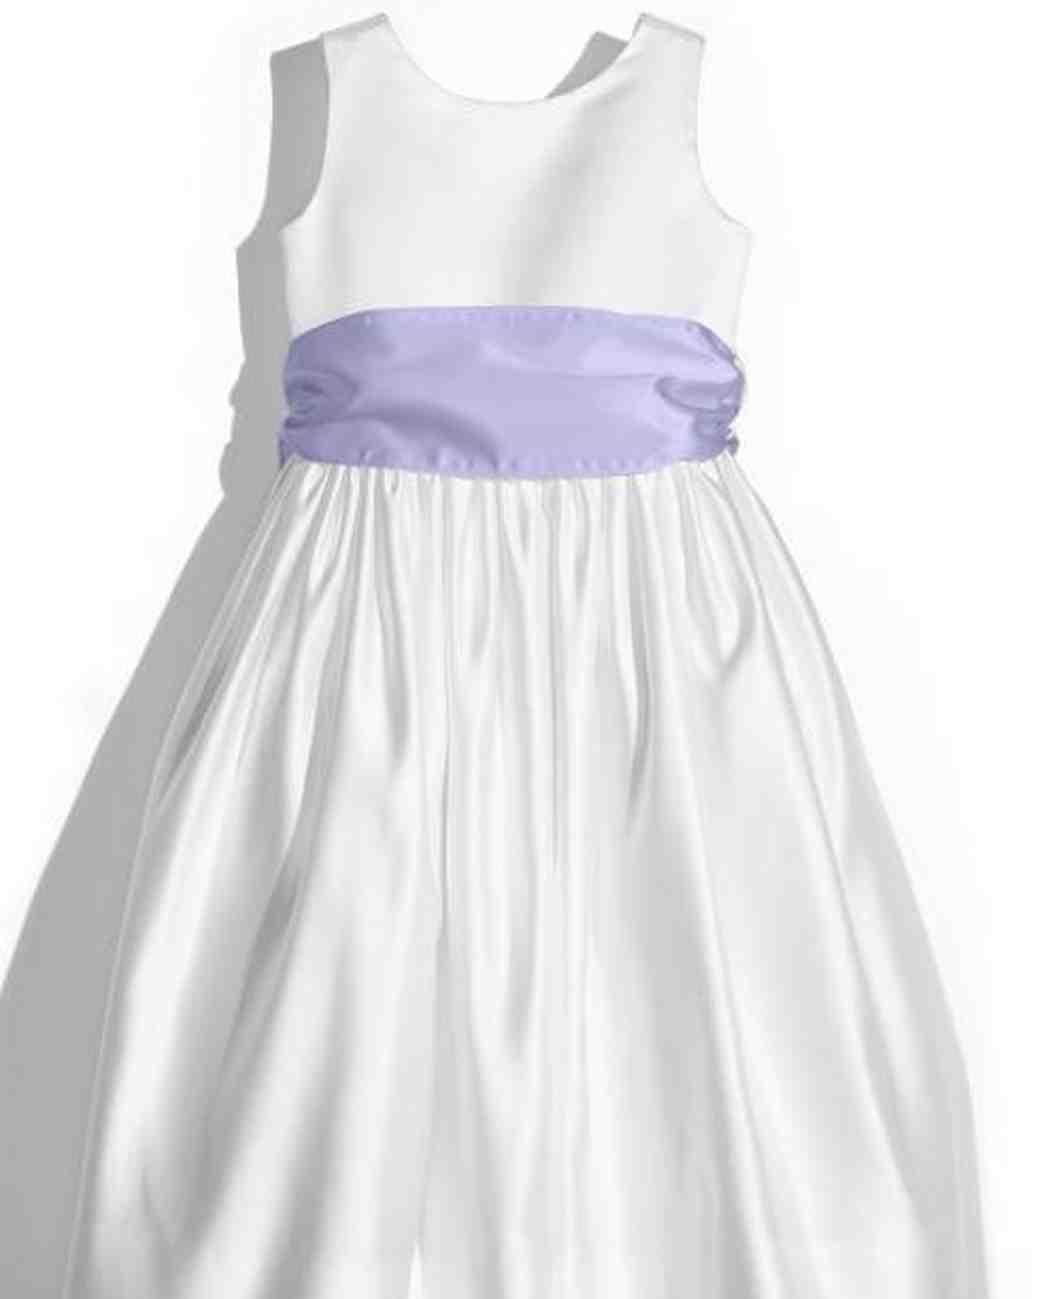 22 pale purple flower girl dresses for any season martha stewart 22 pale purple flower girl dresses for any season martha stewart weddings mightylinksfo